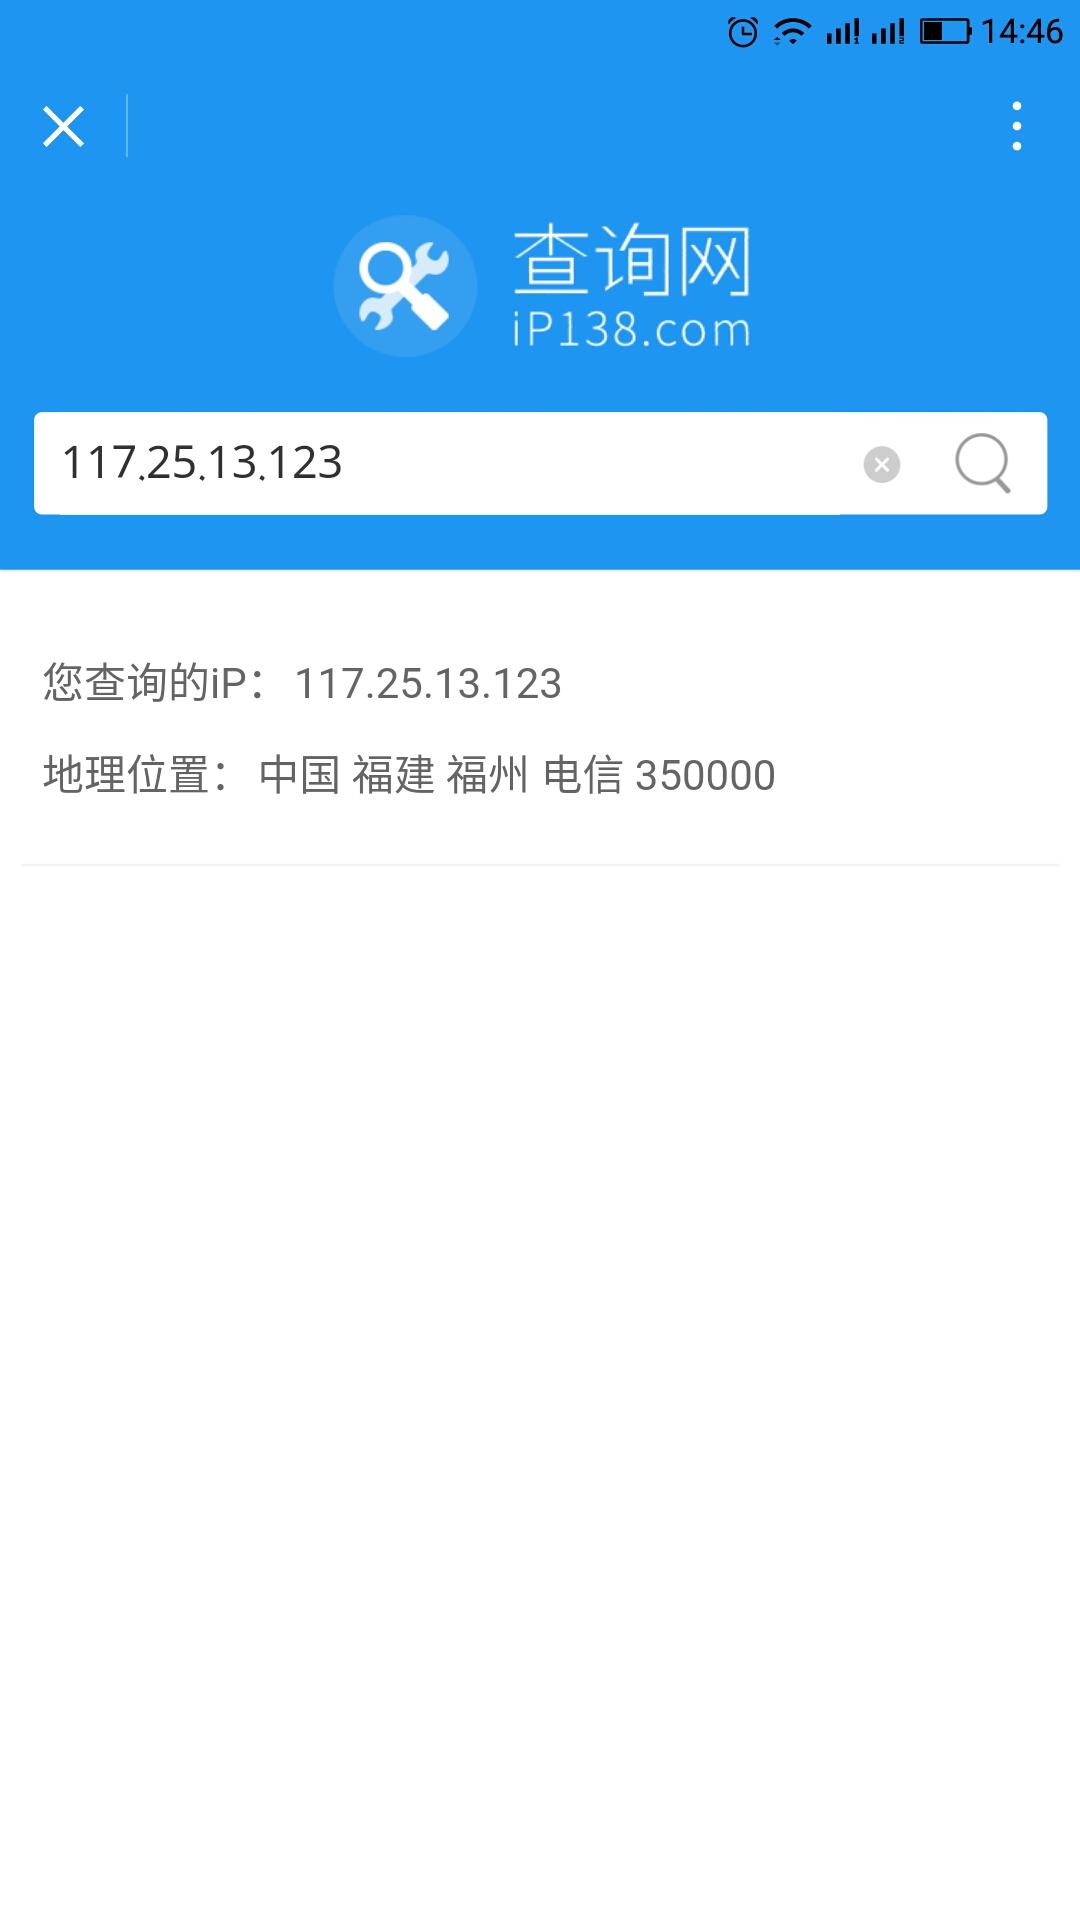 iP138小程序